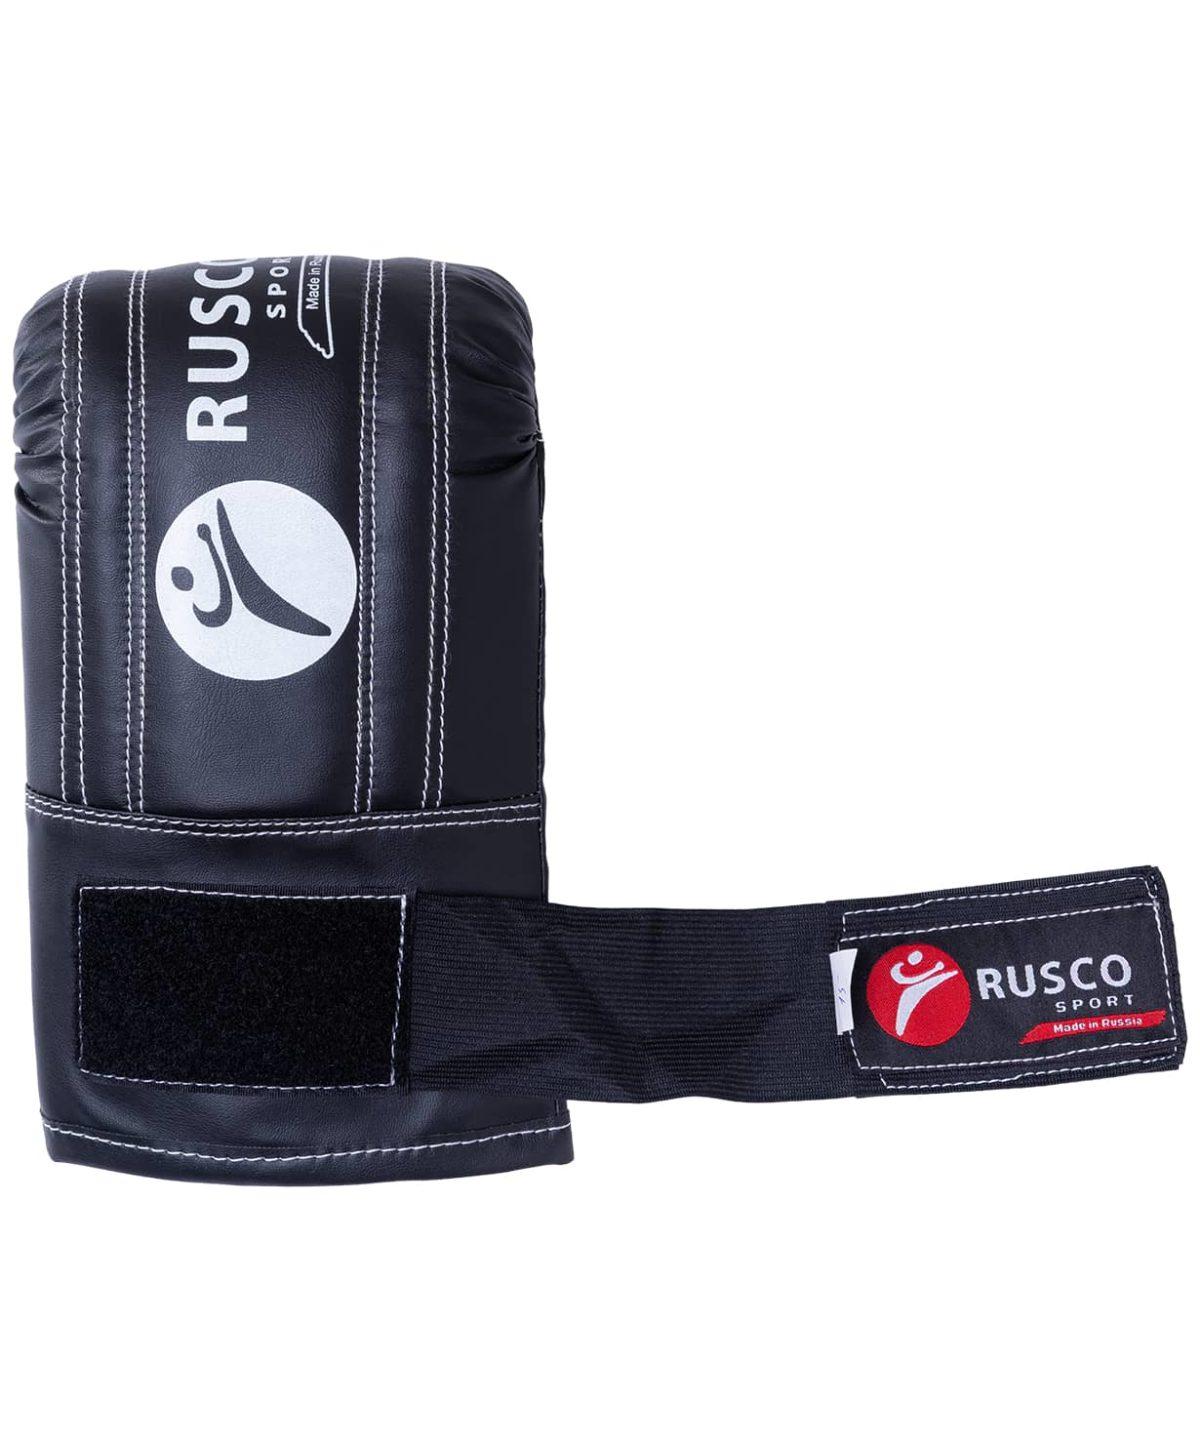 RUSCO Перчатки снарядные, кожзам 142: чёрный - 3